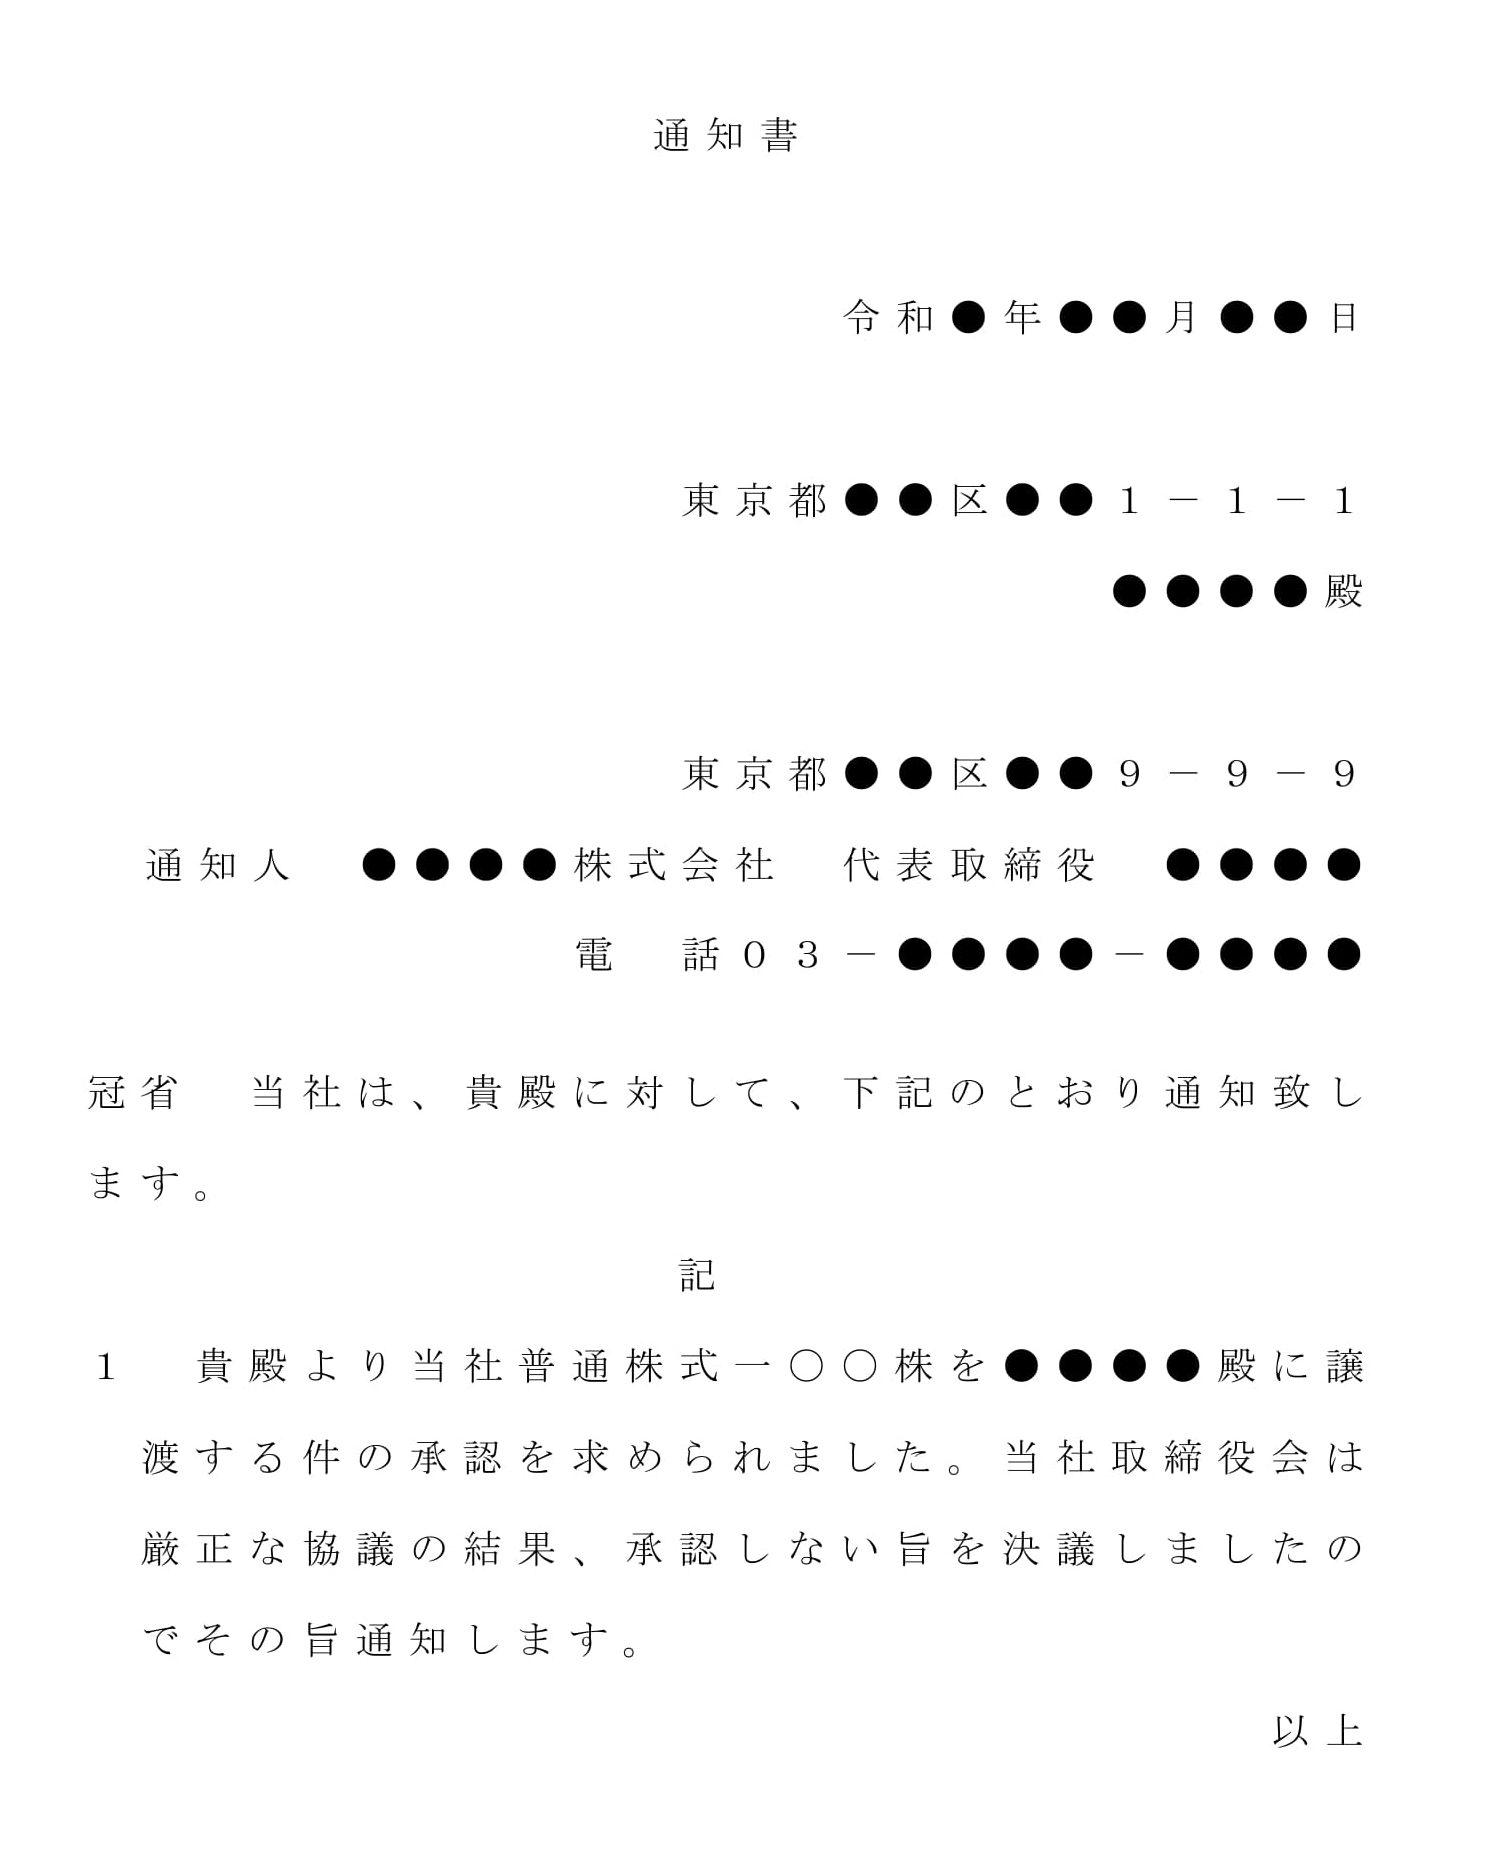 内容証明(株式譲渡不承認の通知書)02のテンプレート書式